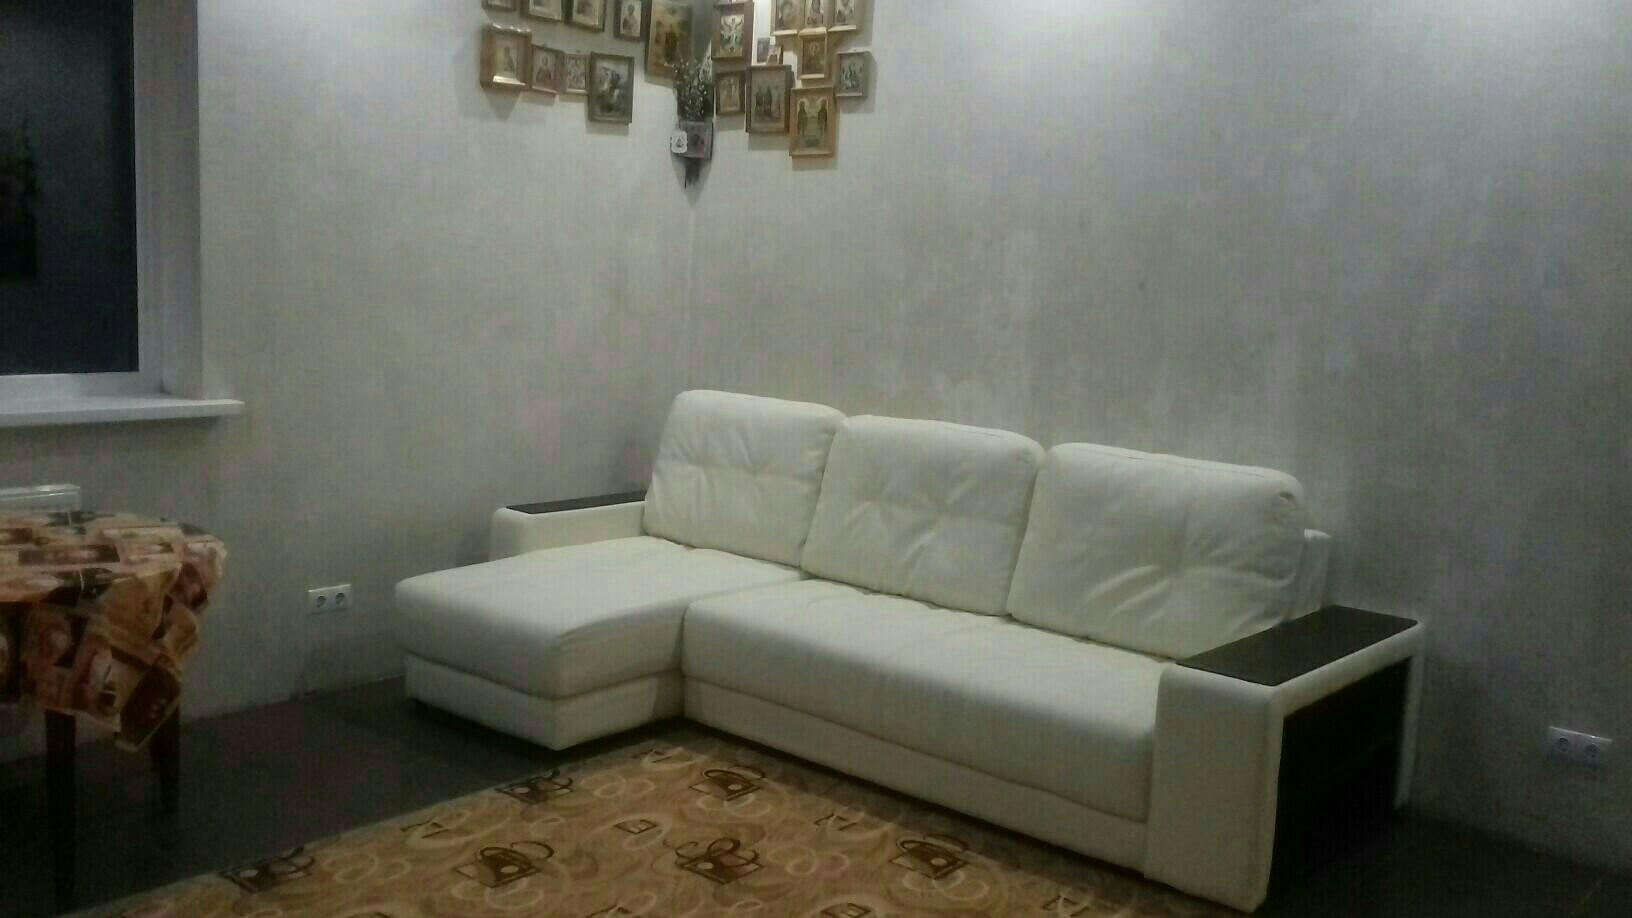 Дома продажа / Дома, Краснодар, Елизаветинская, 3 700 000